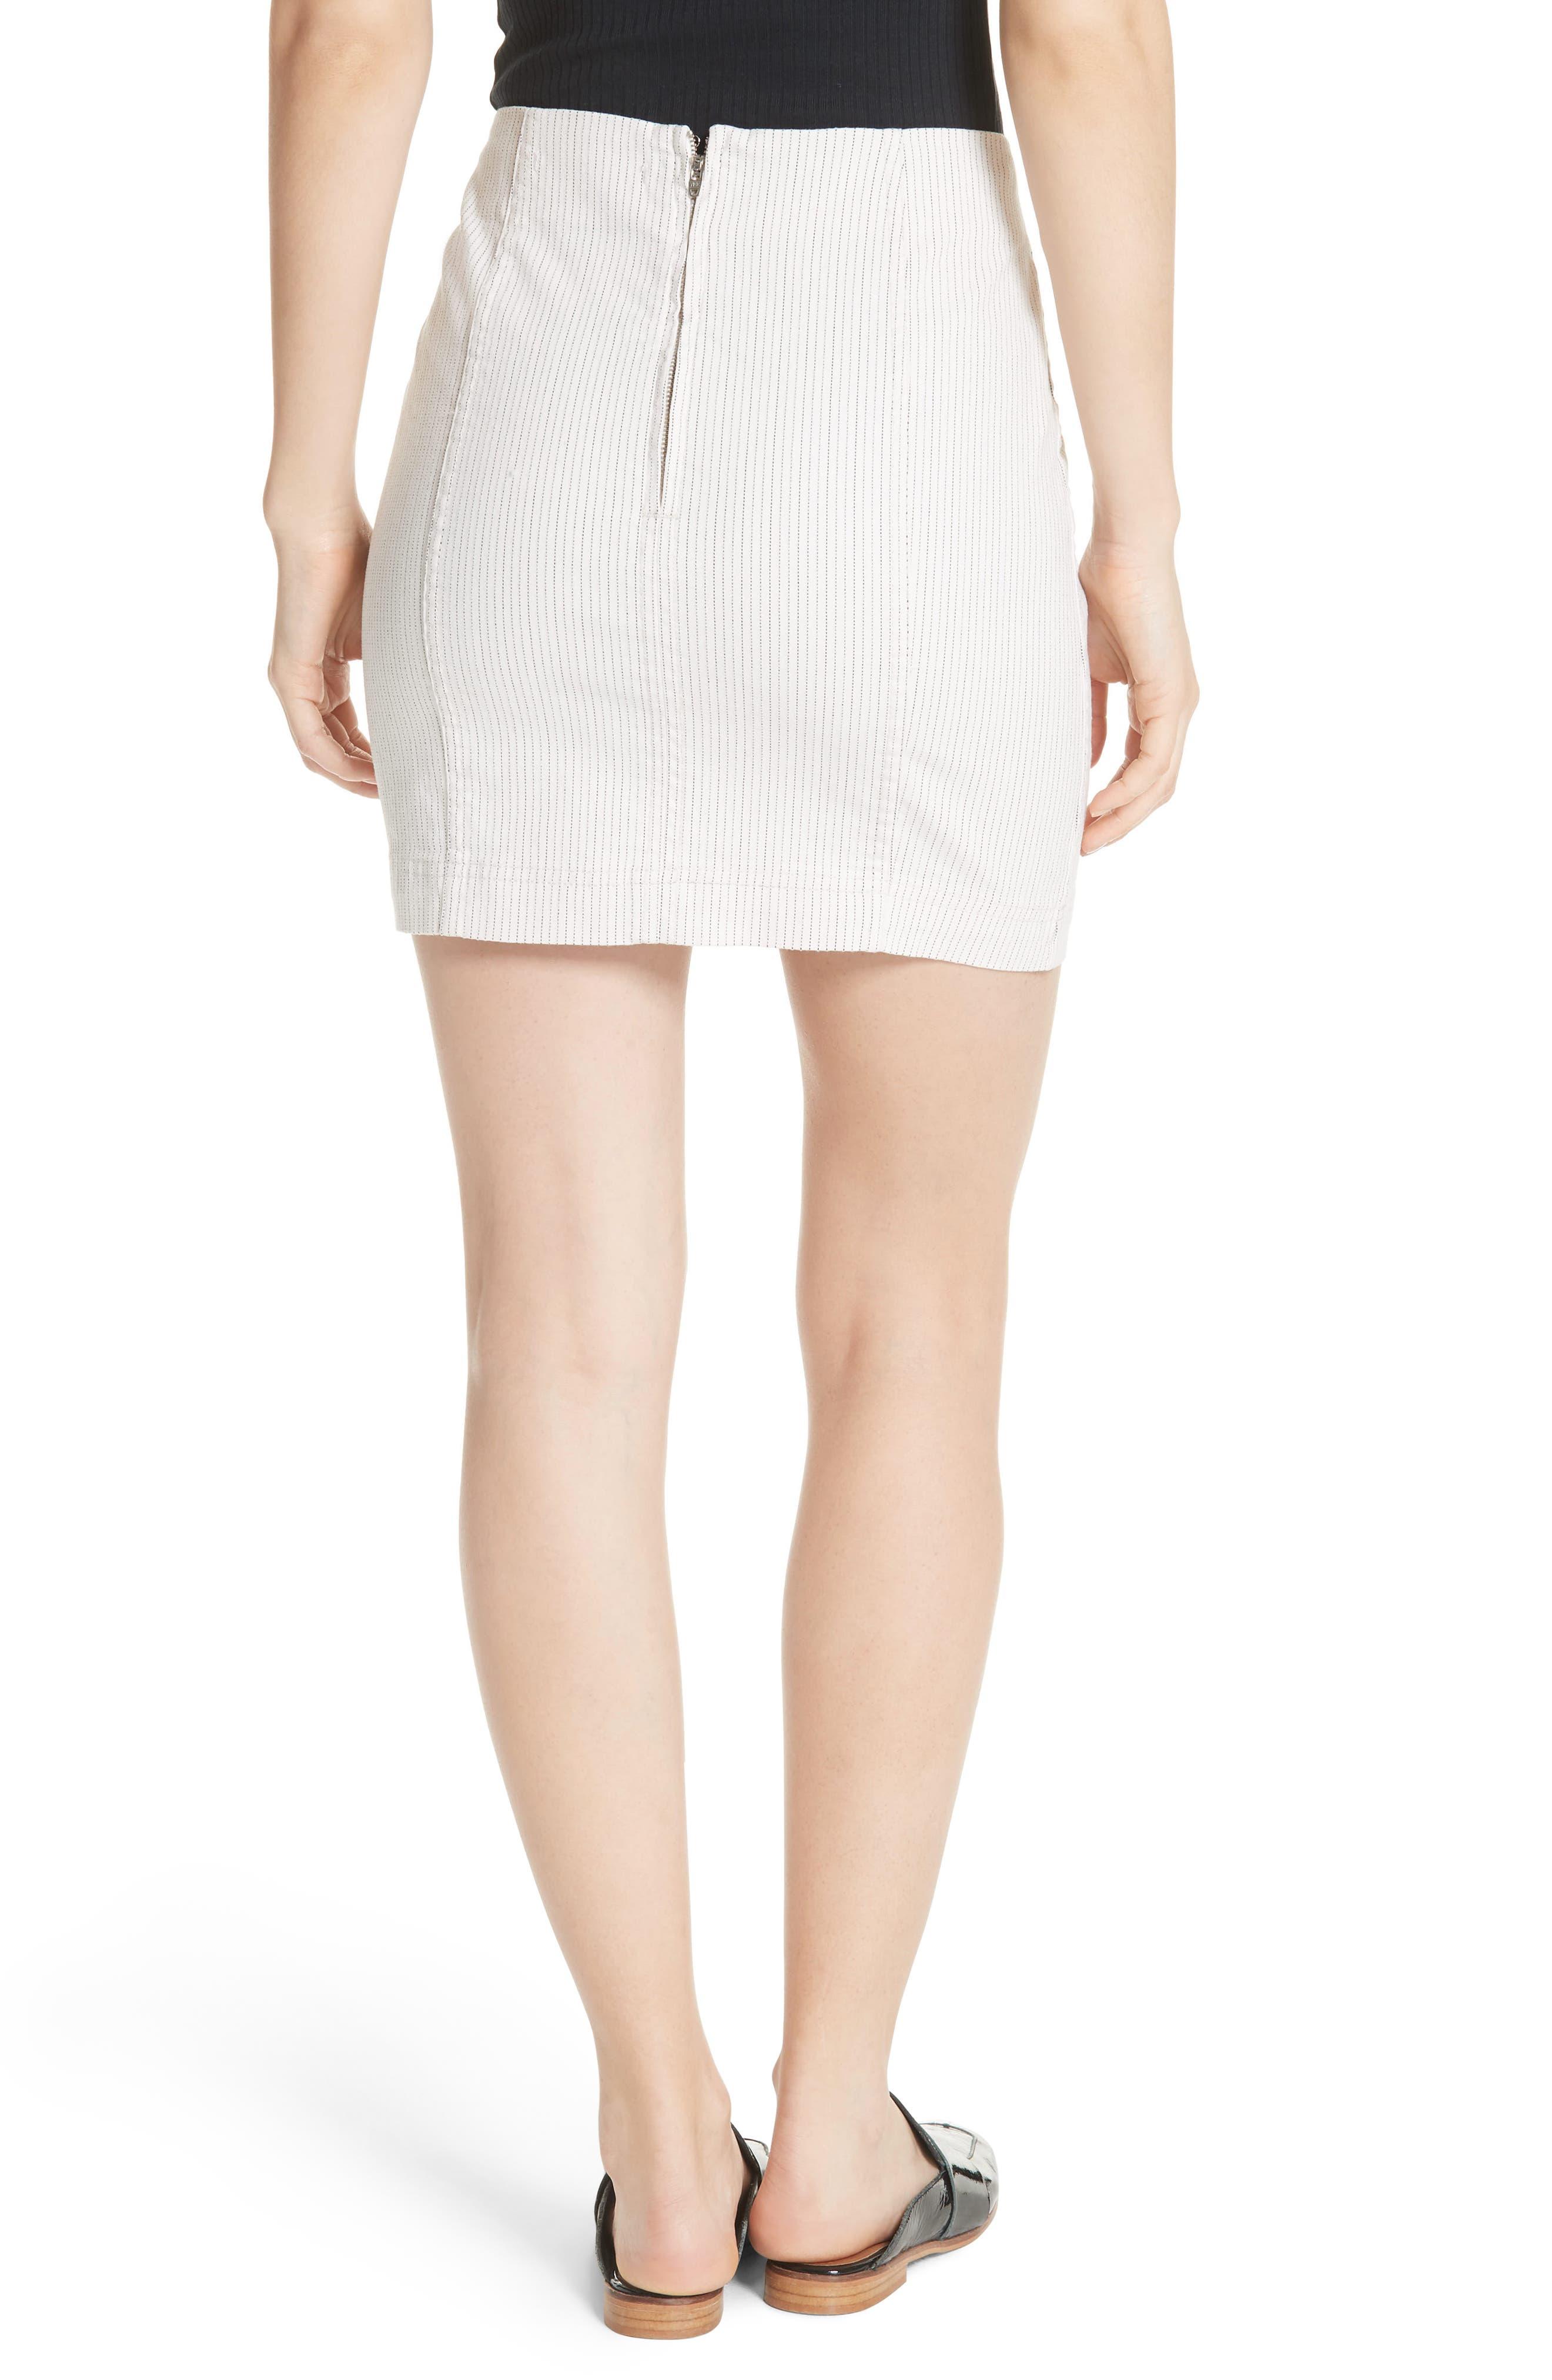 Modern Femme Pinstripe Skirt,                             Alternate thumbnail 2, color,                             Black And White Combo